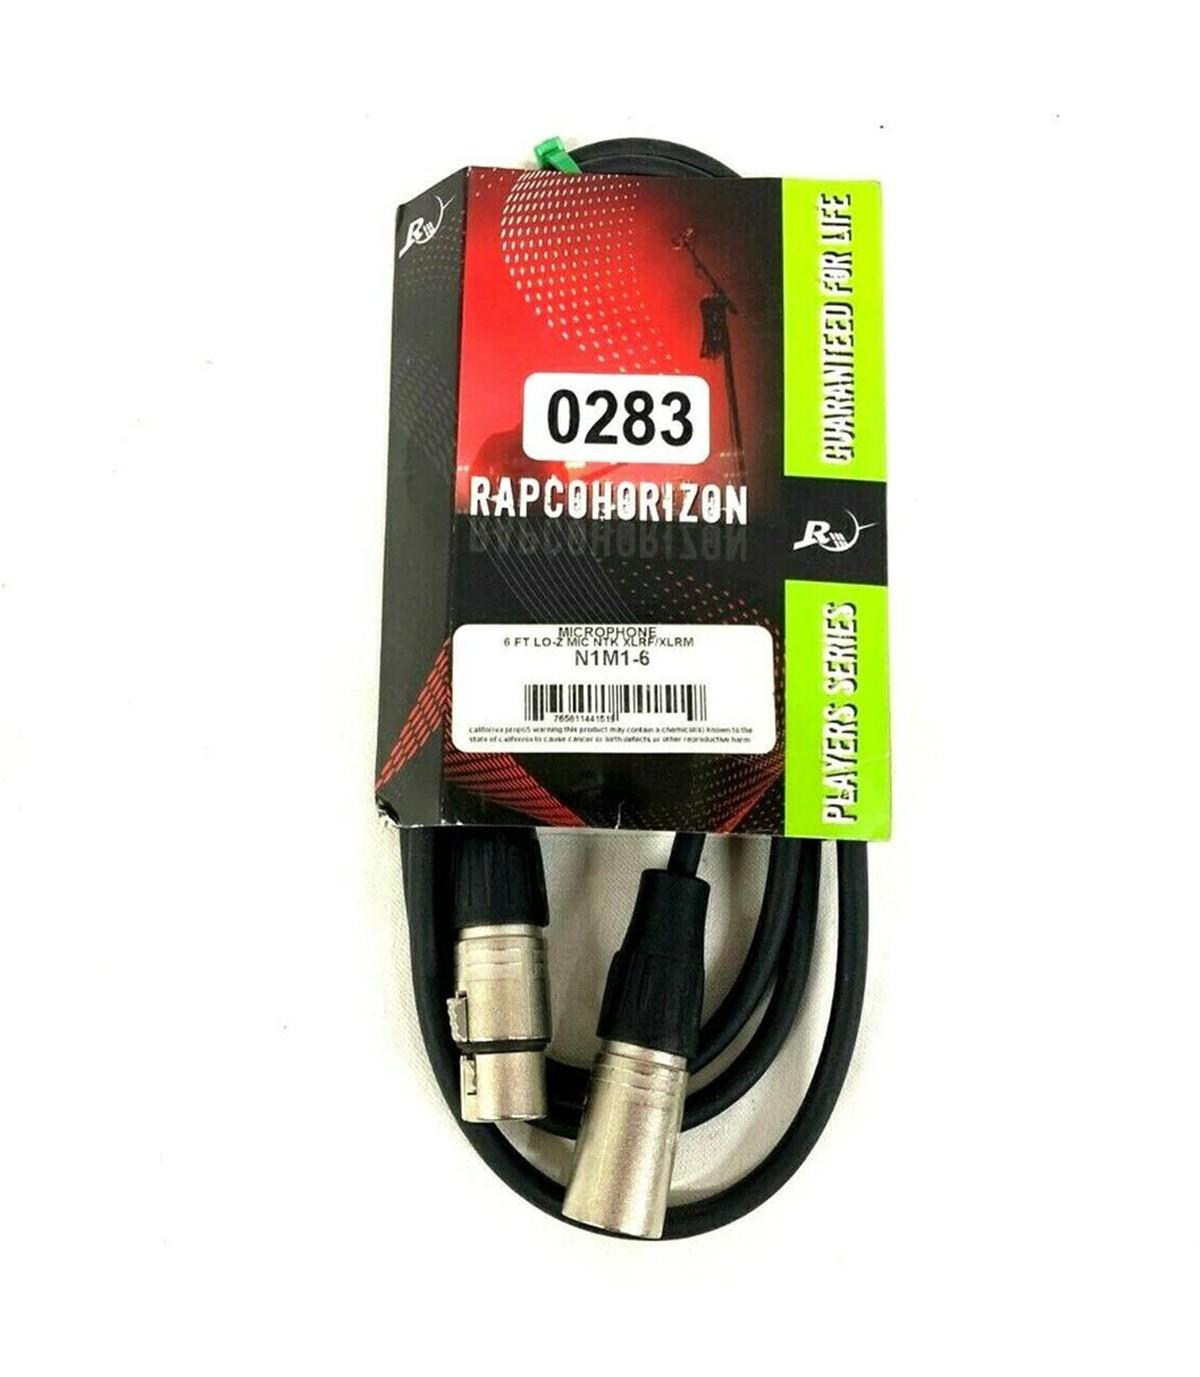 CABO P/MICROFONE XLR 30M RAPCOHORIZON N1M1-100